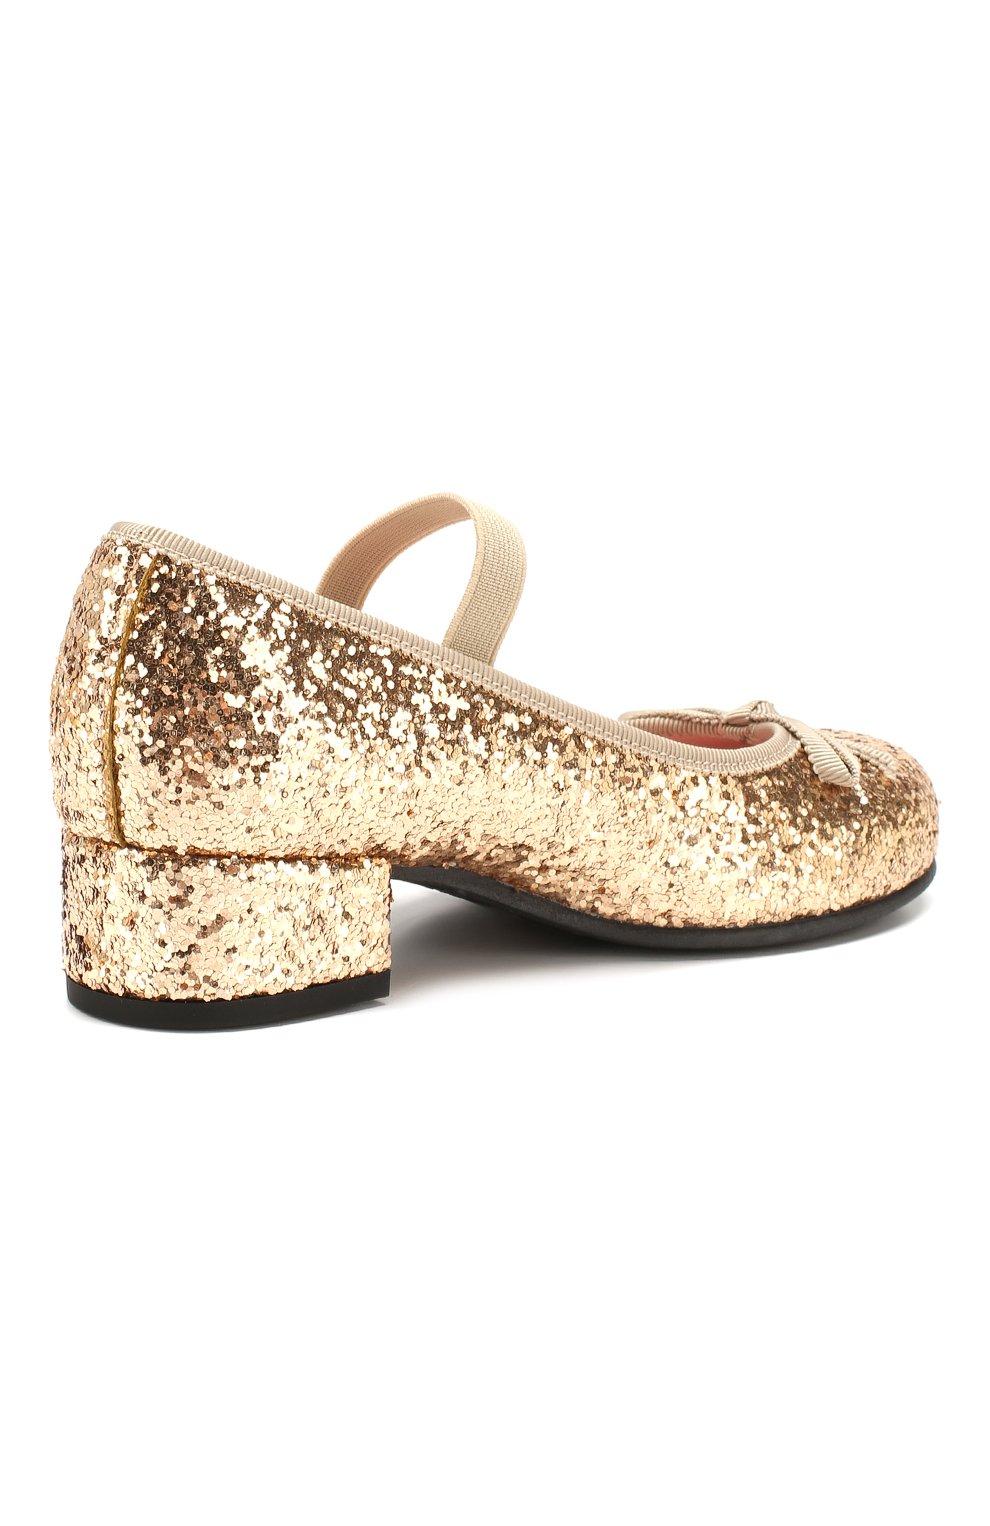 Детские туфли с перемычкой PRETTY BALLERINAS золотого цвета, арт. 44.097/KYLIE   Фото 3